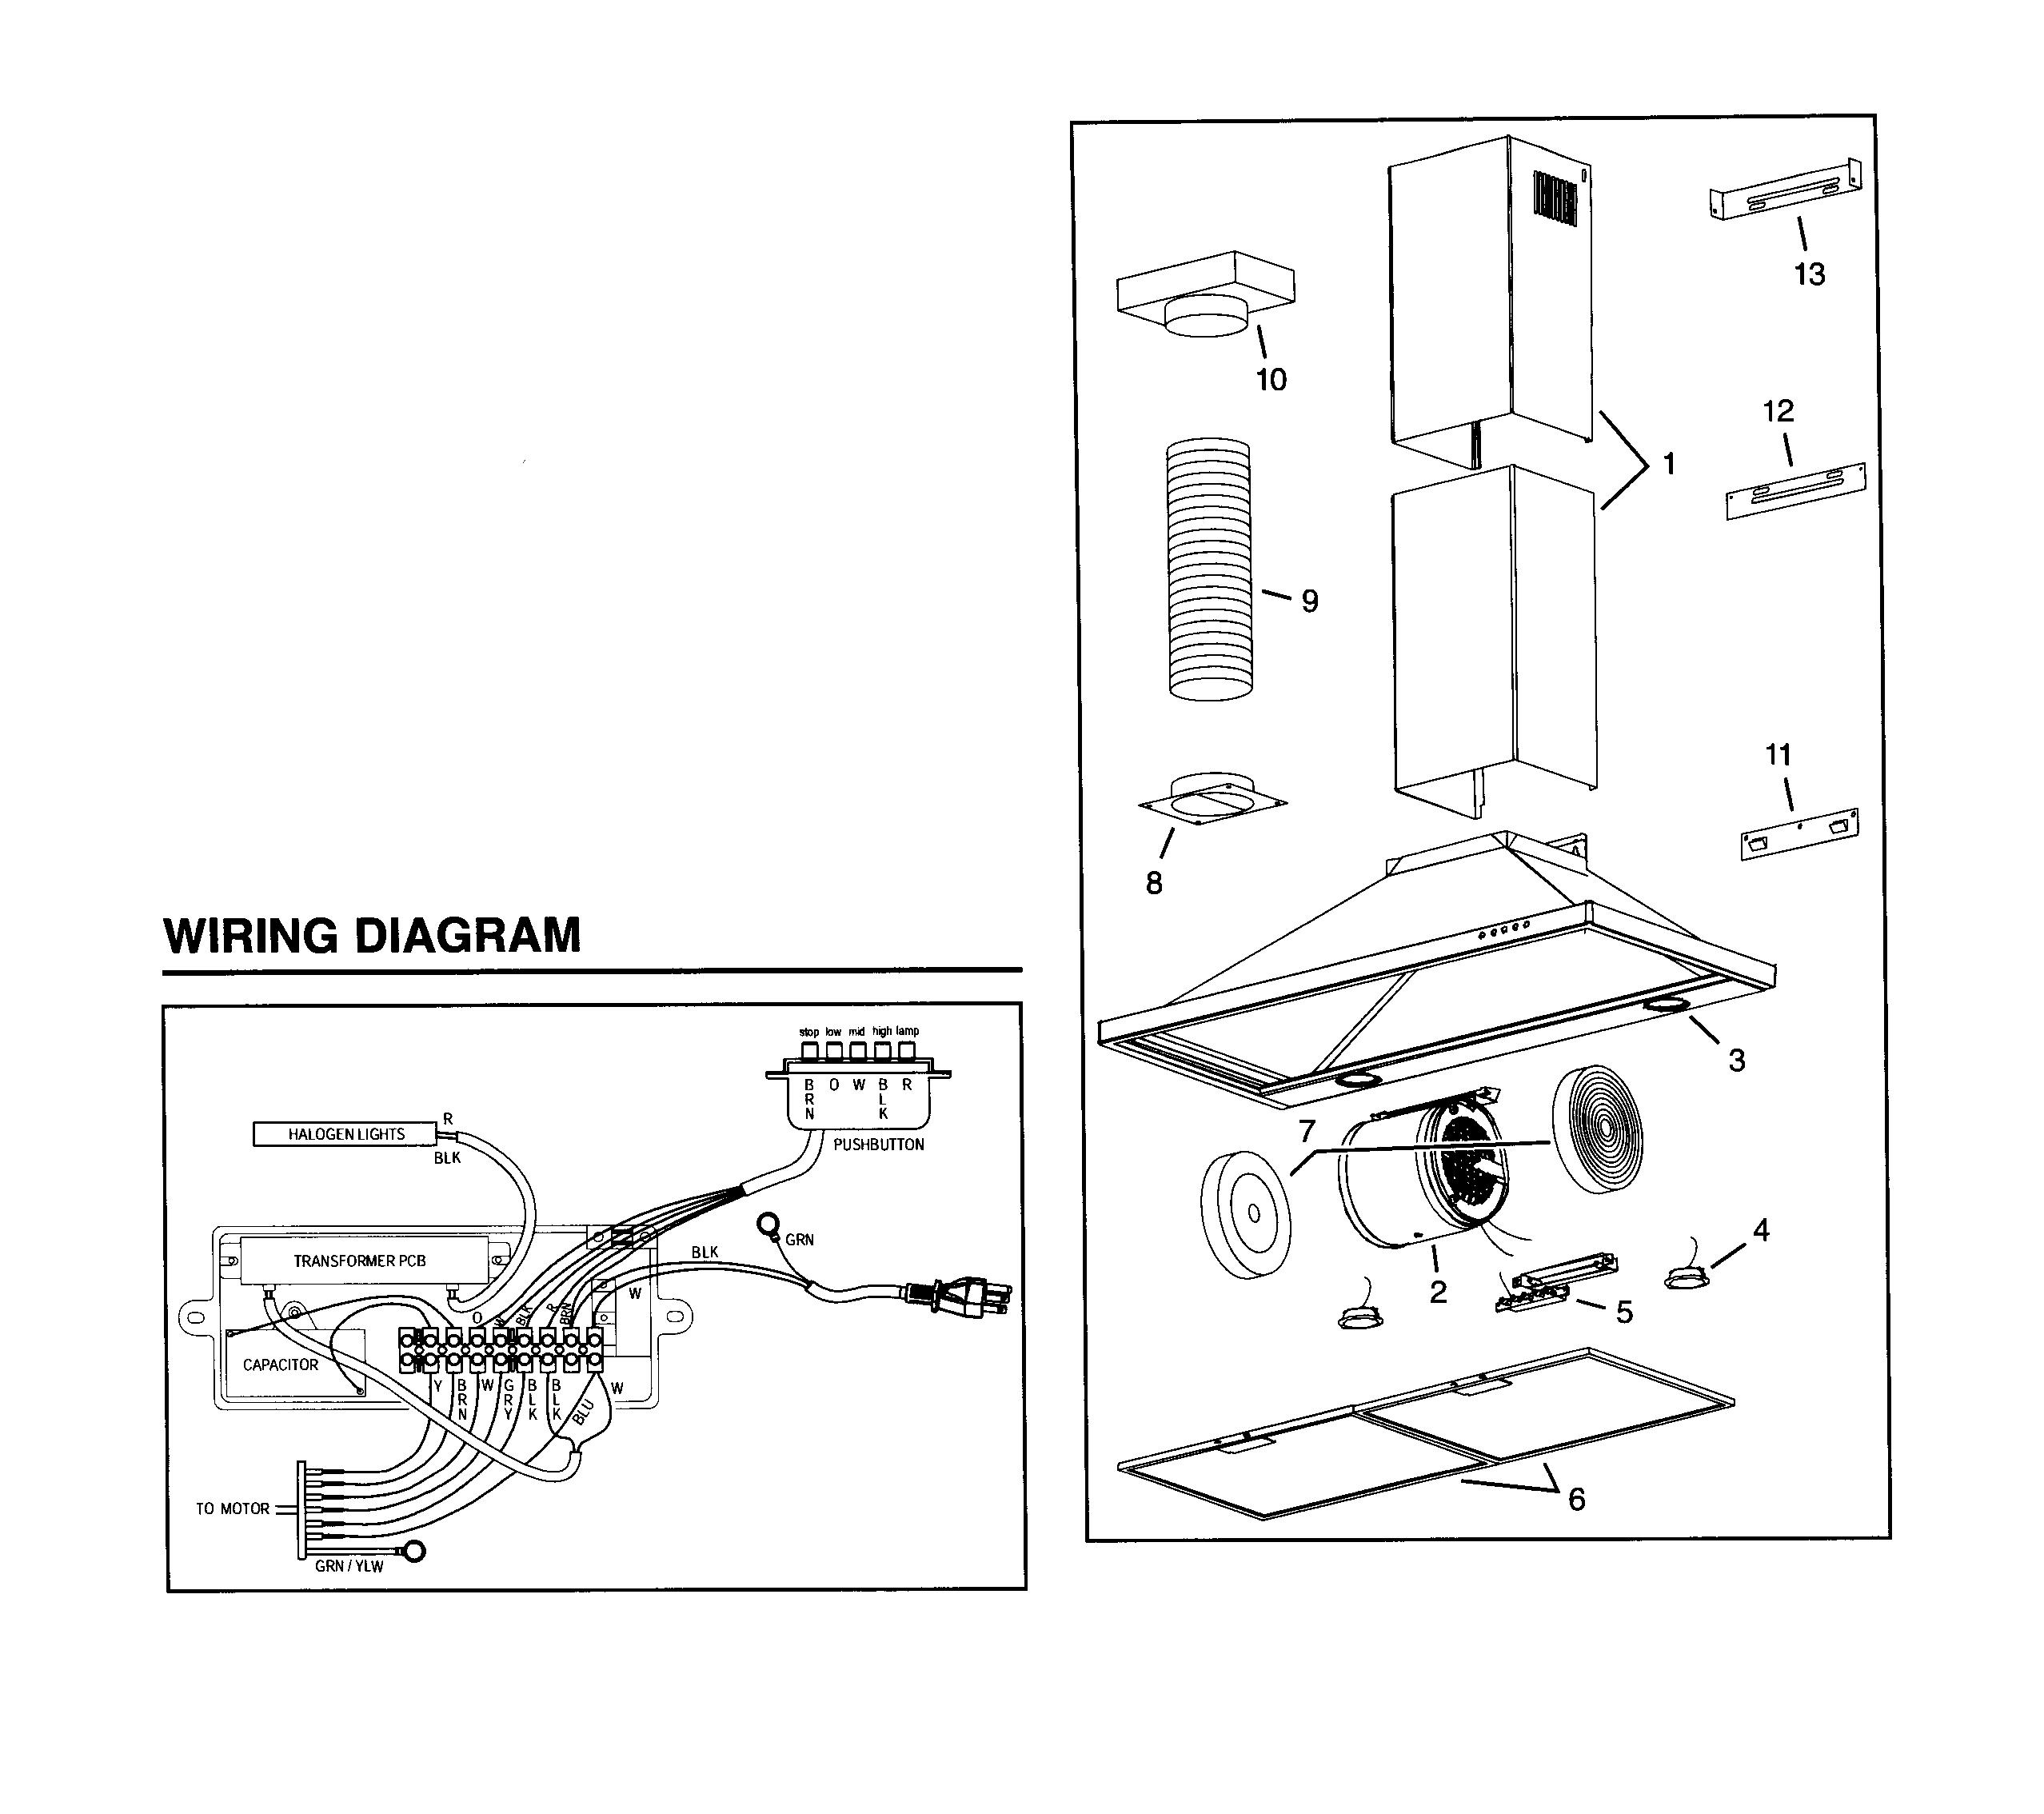 Wunderbar Kdc 252u Schaltplan Ideen - Der Schaltplan - greigo.com